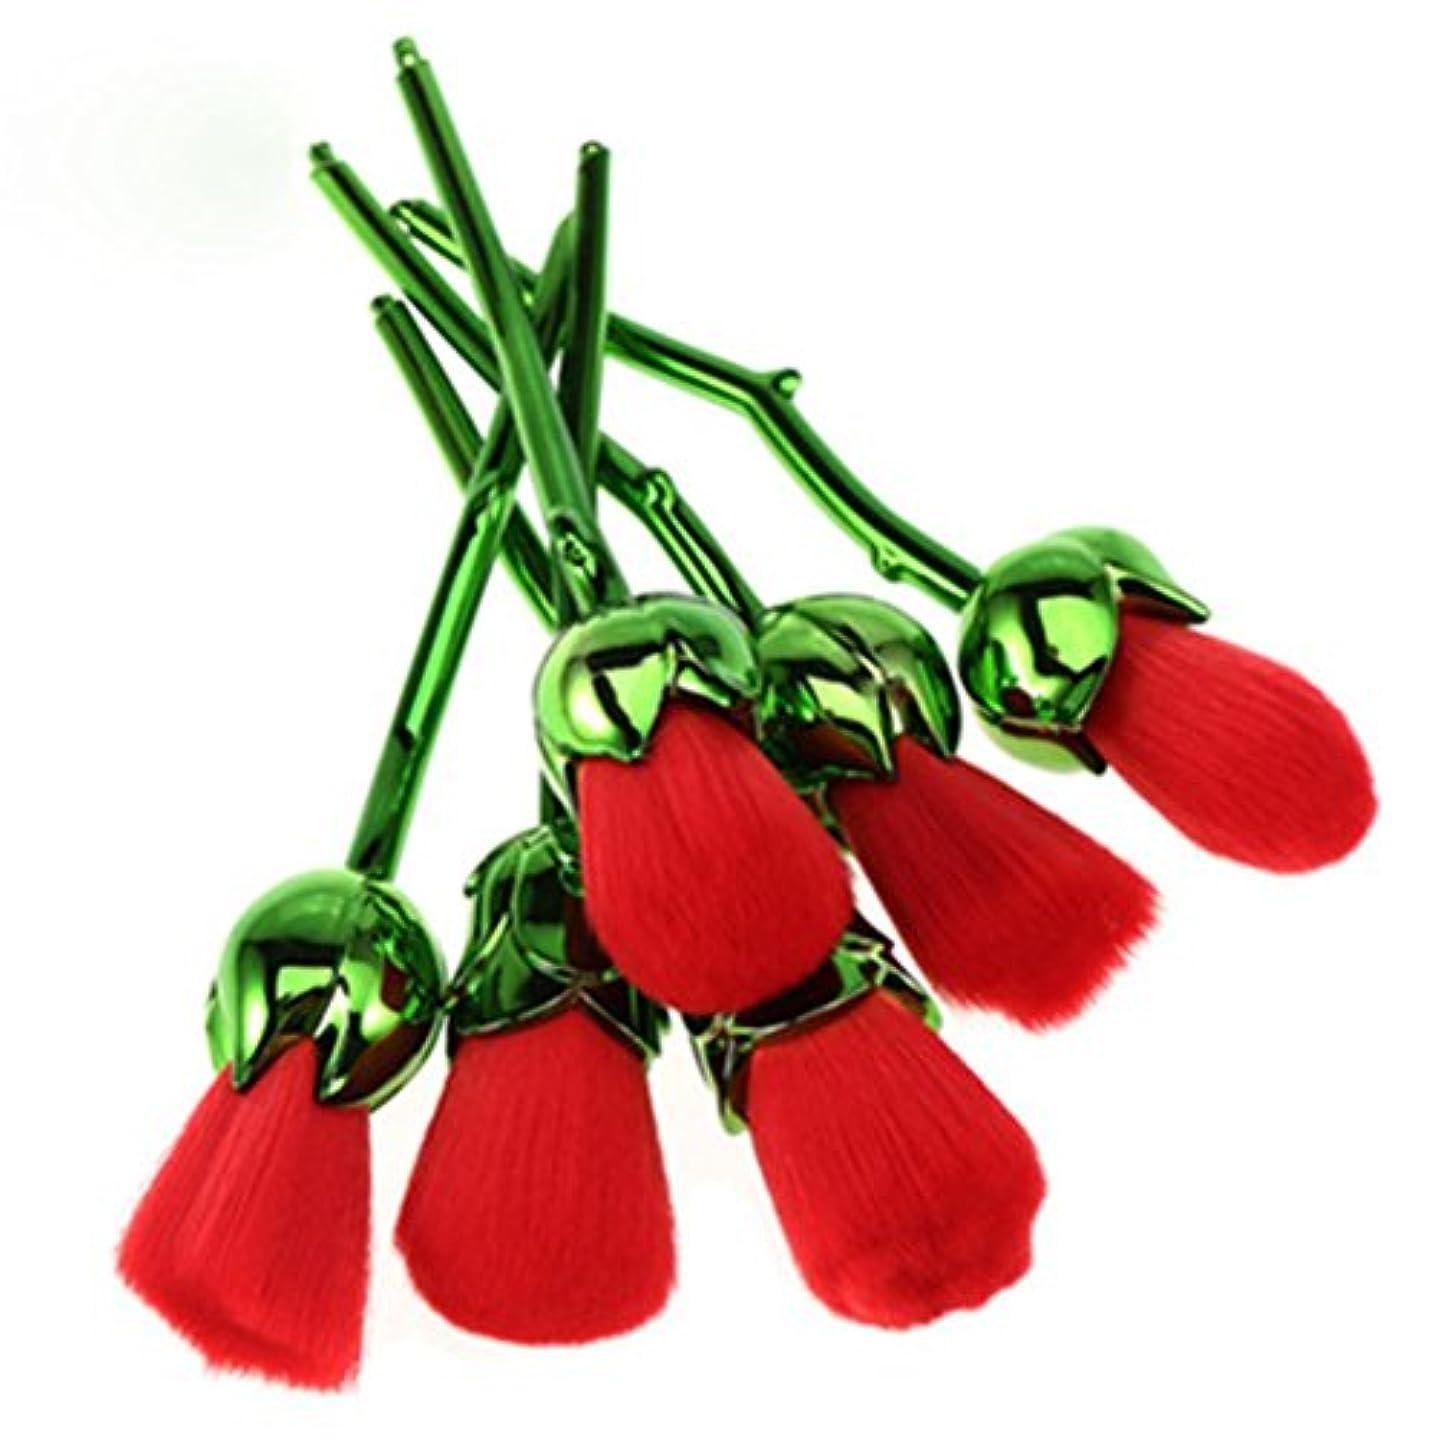 有力者腫瘍劇的ディラビューティー(Dilla Beauty) メイクブラシ 薔薇 メイクブラシセット 人気 ファンデーションブラシ 化粧筆 可愛い 化粧ブラシ セット パウダーブラシ フェイスブラシ ローズ メイクブラシ 6本セット ケース付き (グリーン - レッド)